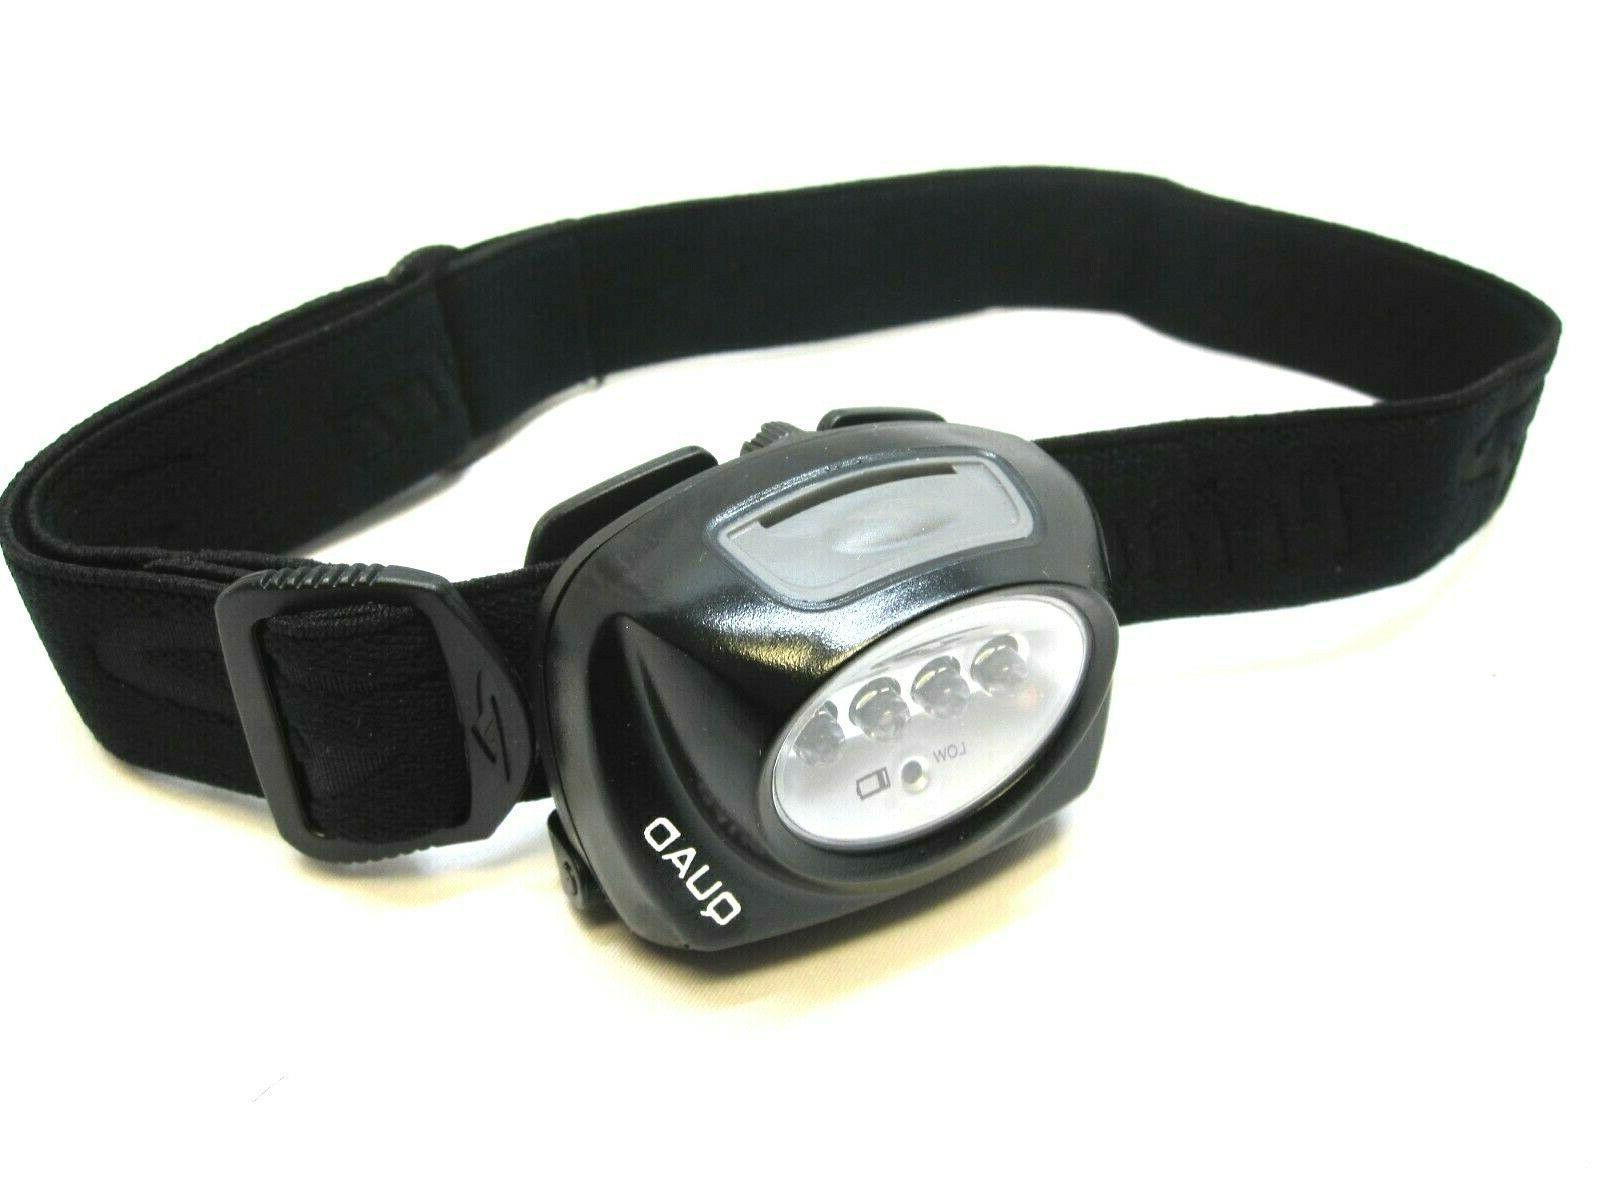 NEW LED LED MOUNTED FLASHLIGHT BK-USA